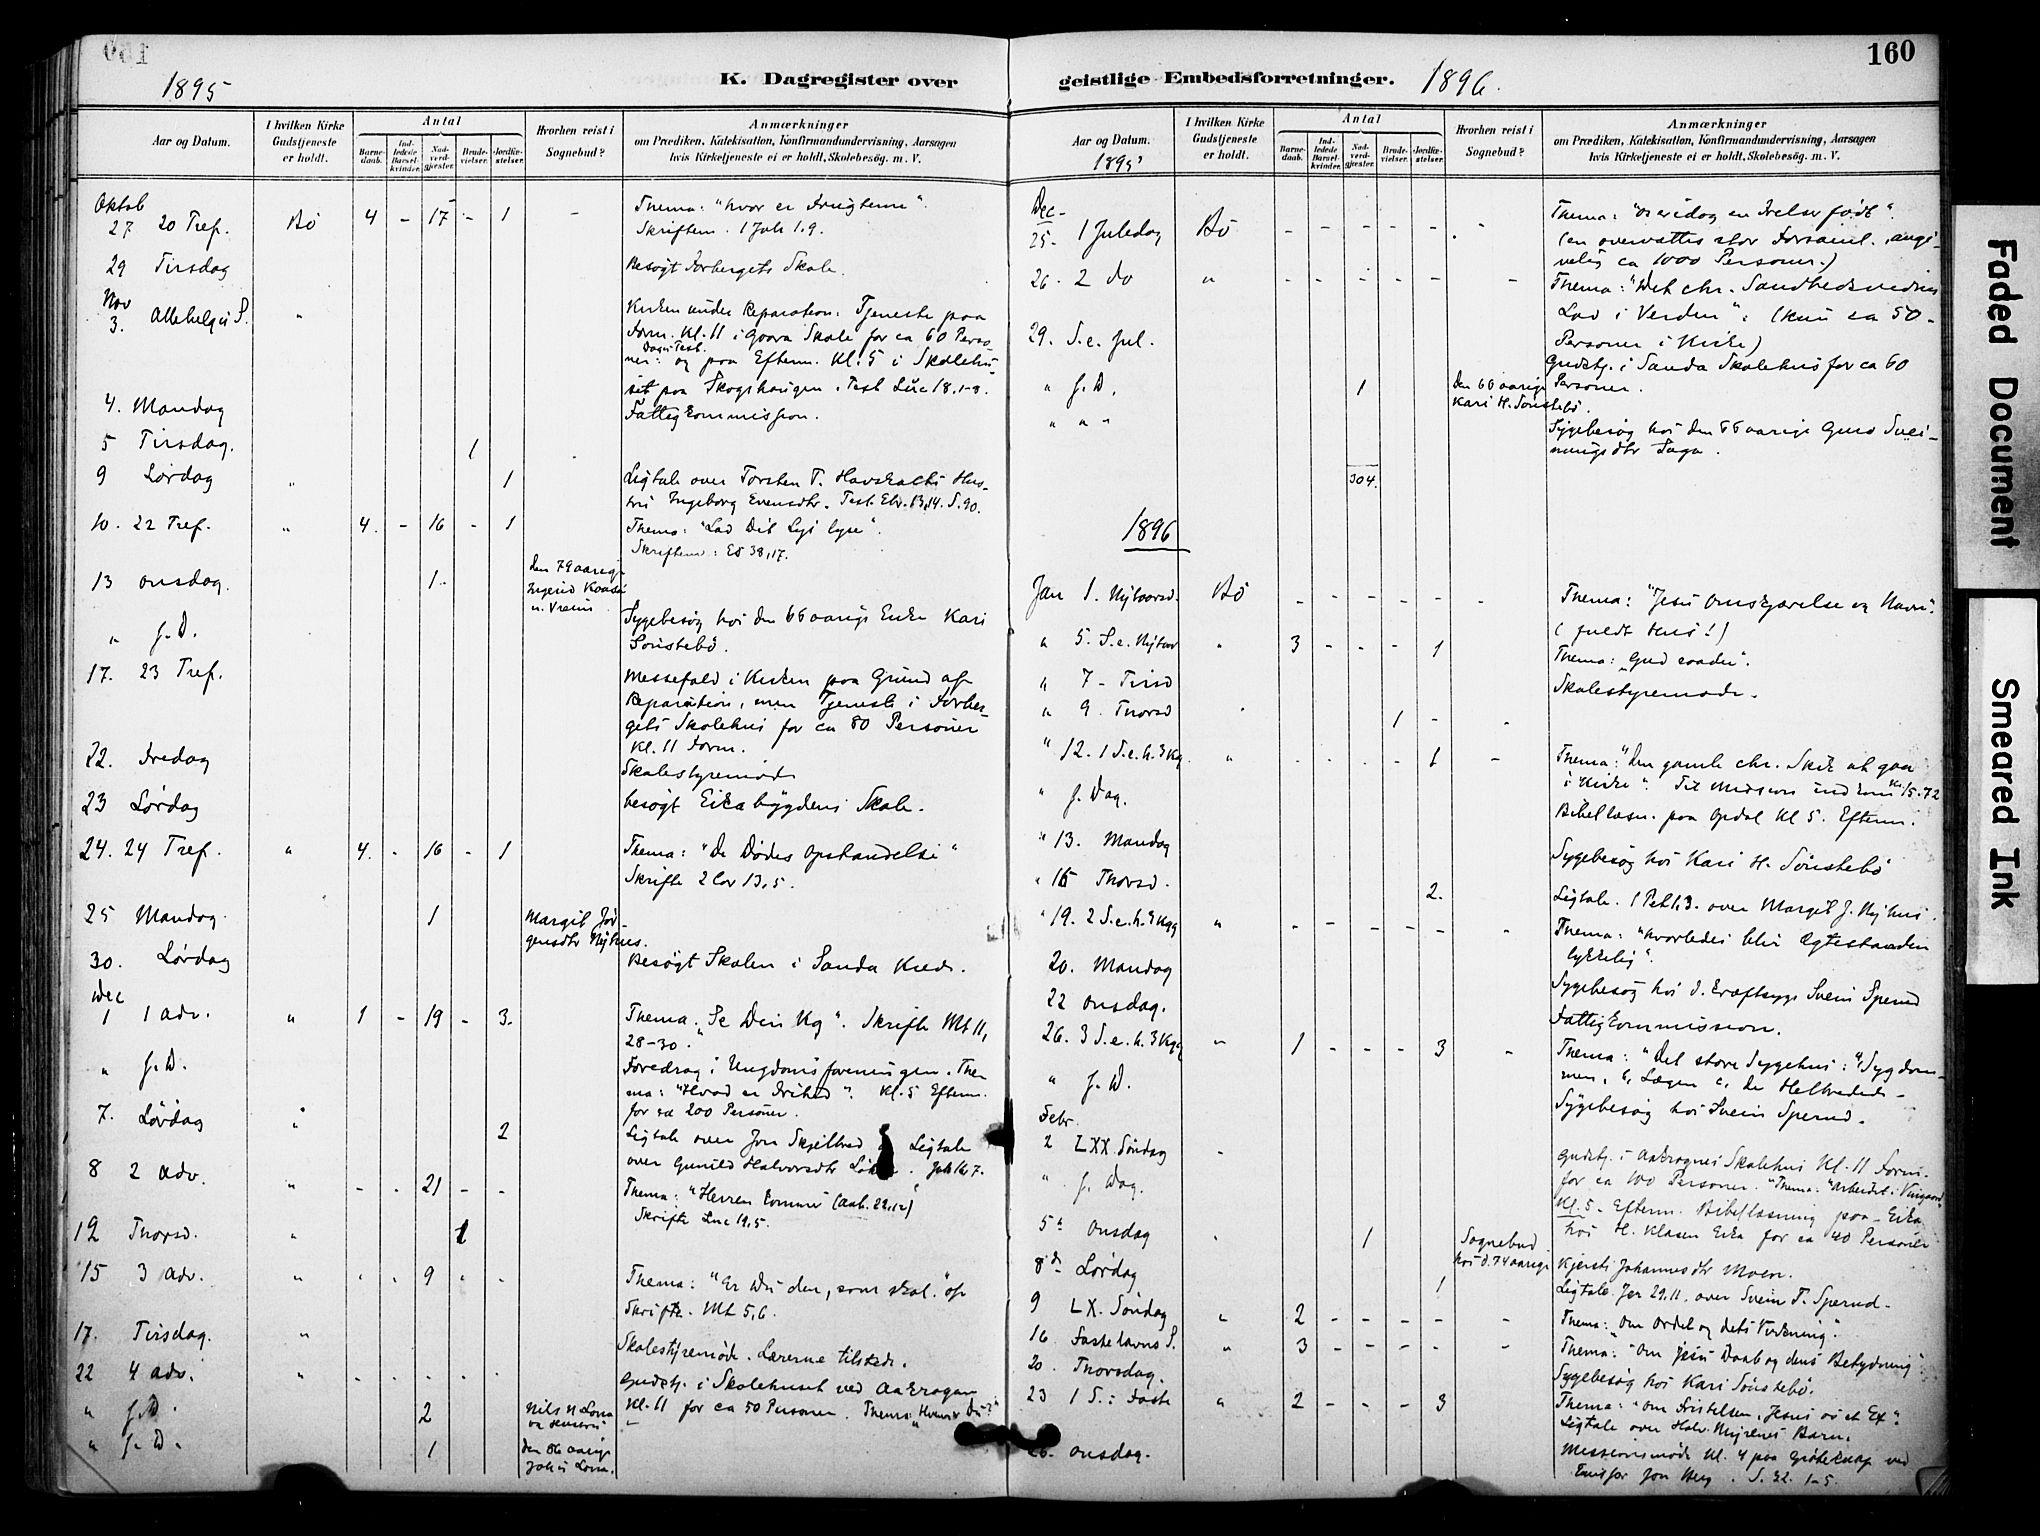 SAKO, Bø kirkebøker, F/Fa/L0011: Ministerialbok nr. 11, 1892-1900, s. 160